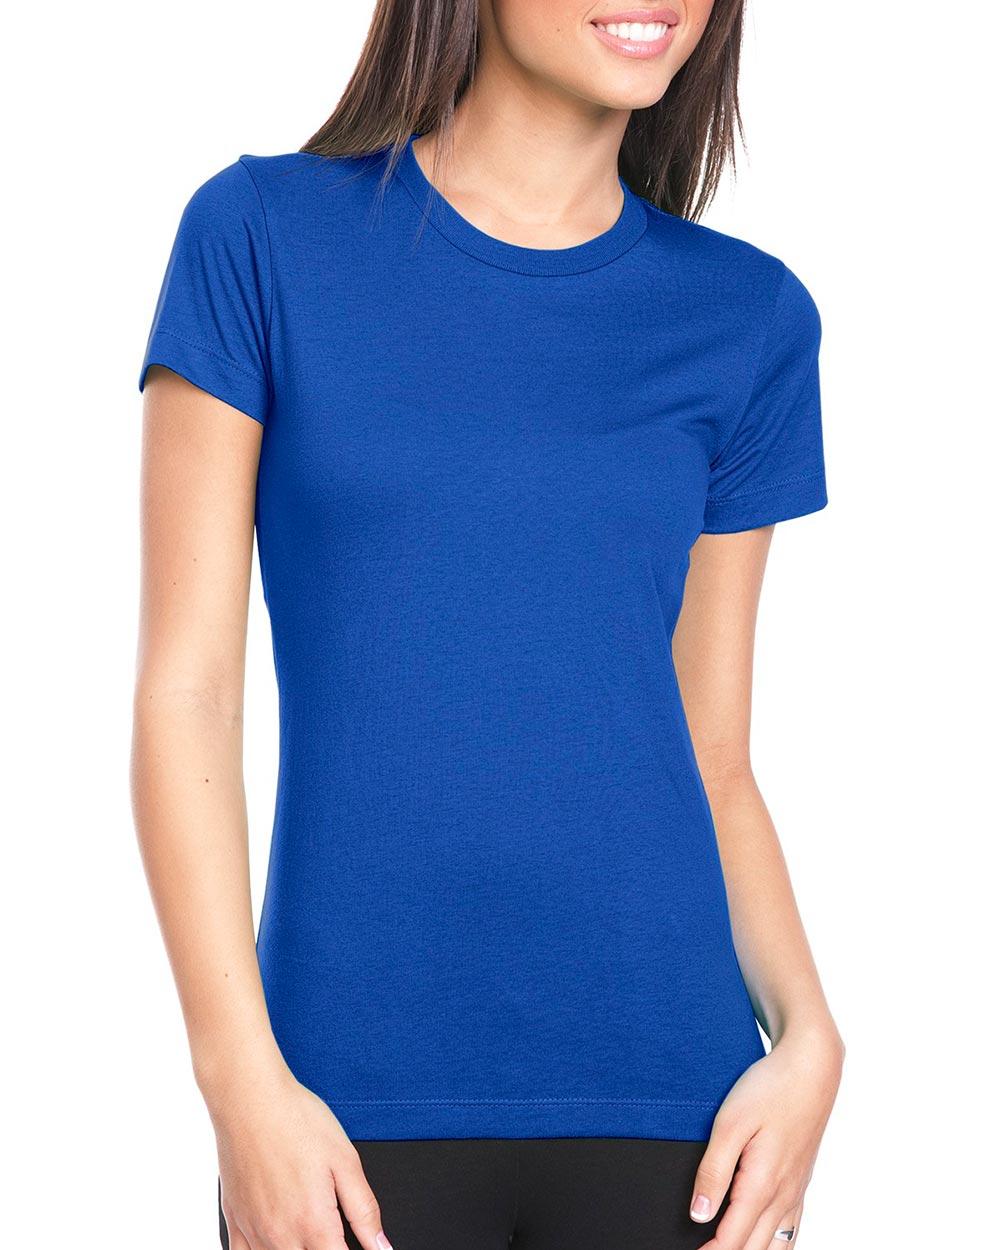 Next Level N3900 - Ladies' Boyfriend T-Shirt